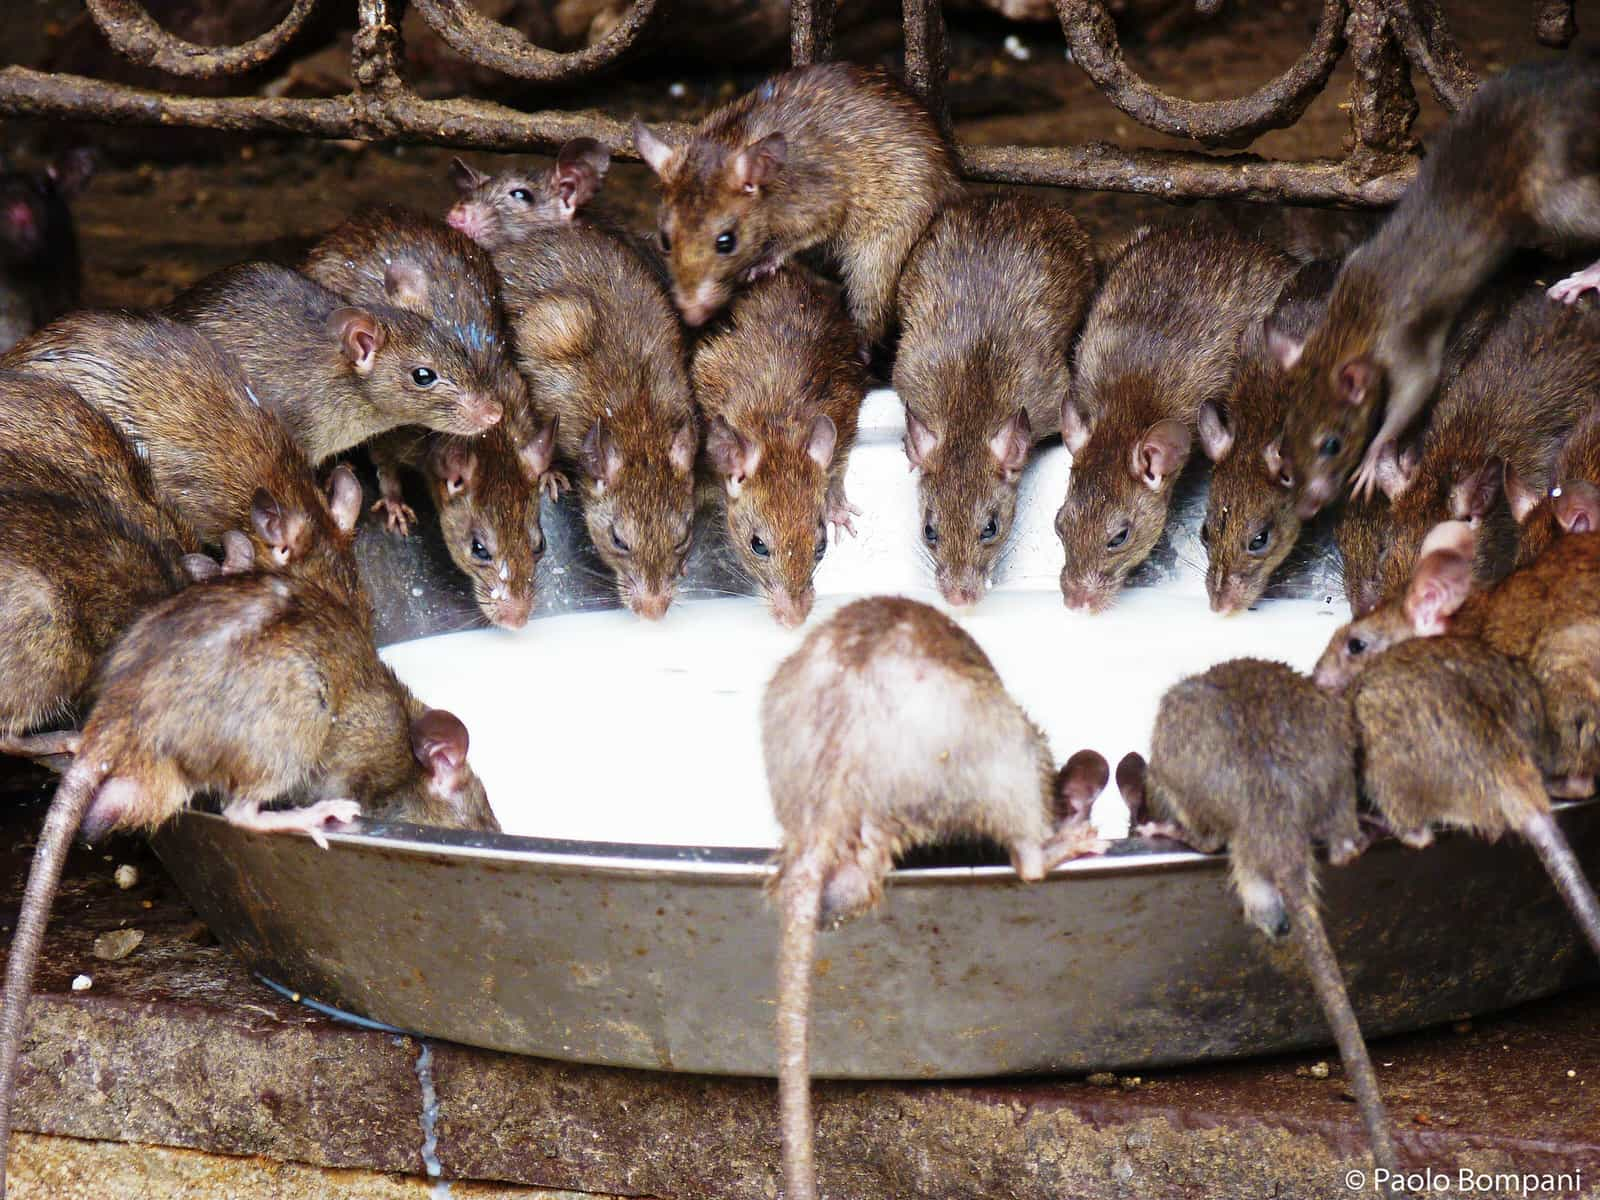 在這裡,人們信奉的是老鼠!歡迎來到印度「老鼠廟」